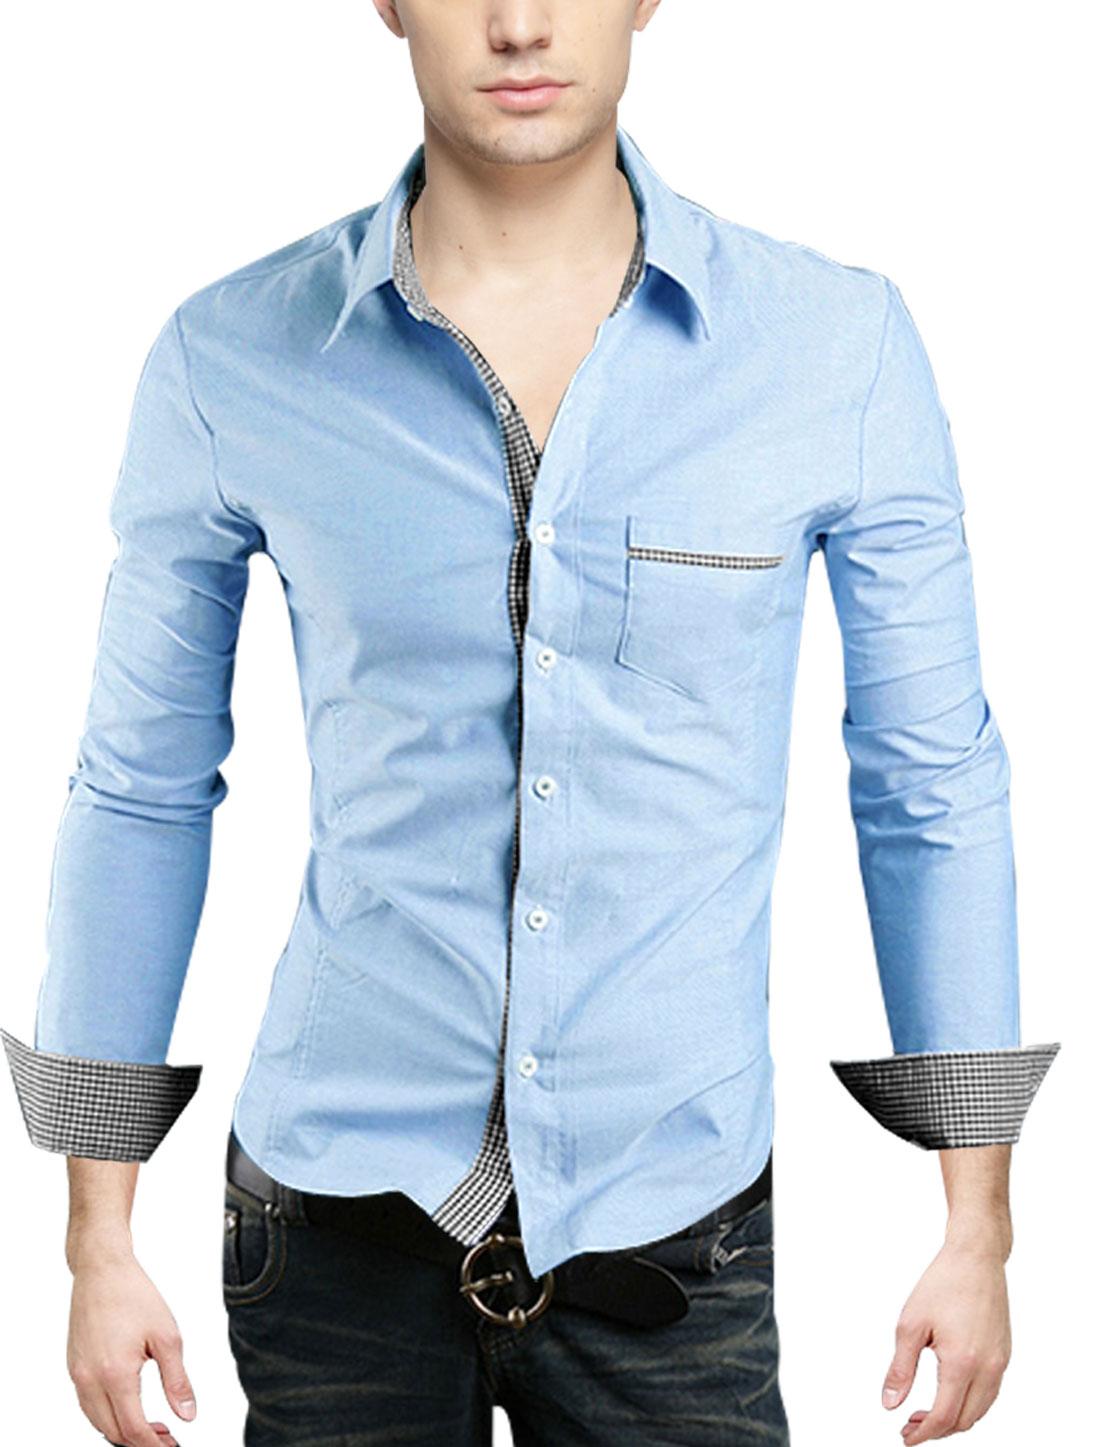 Men Point Collar Plaids Detail Button Closure Gentleman Shirt Sky Blue M